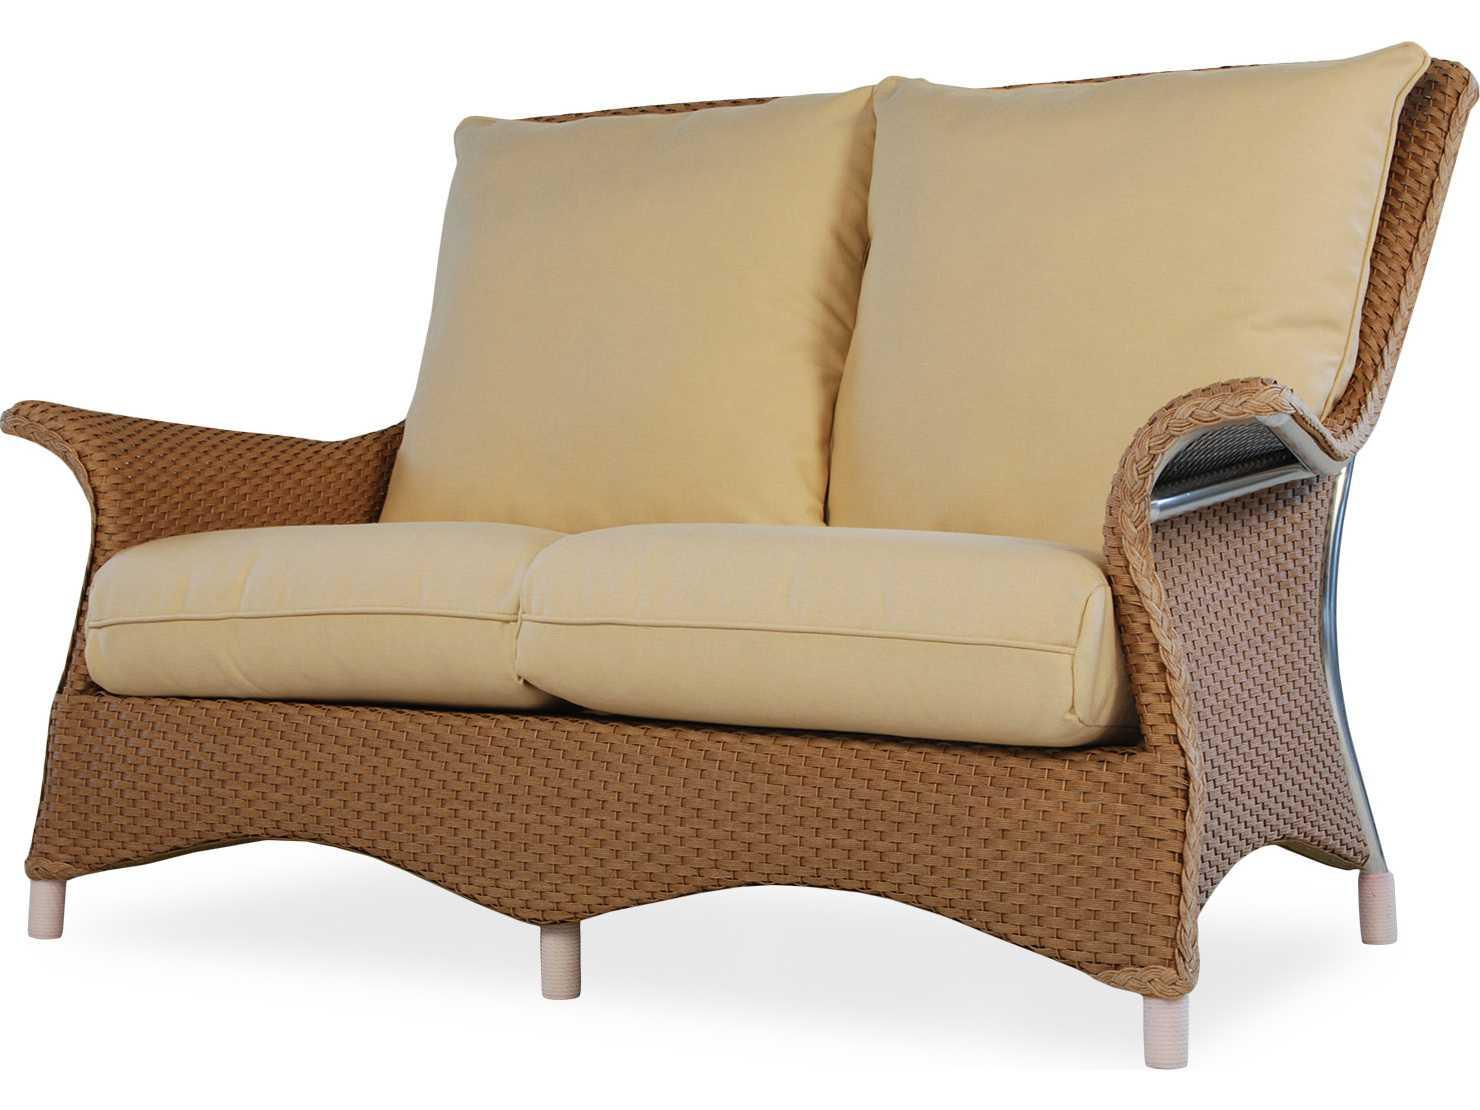 Lloyd Flanders Mandalay Loveseat Replacement Cushions